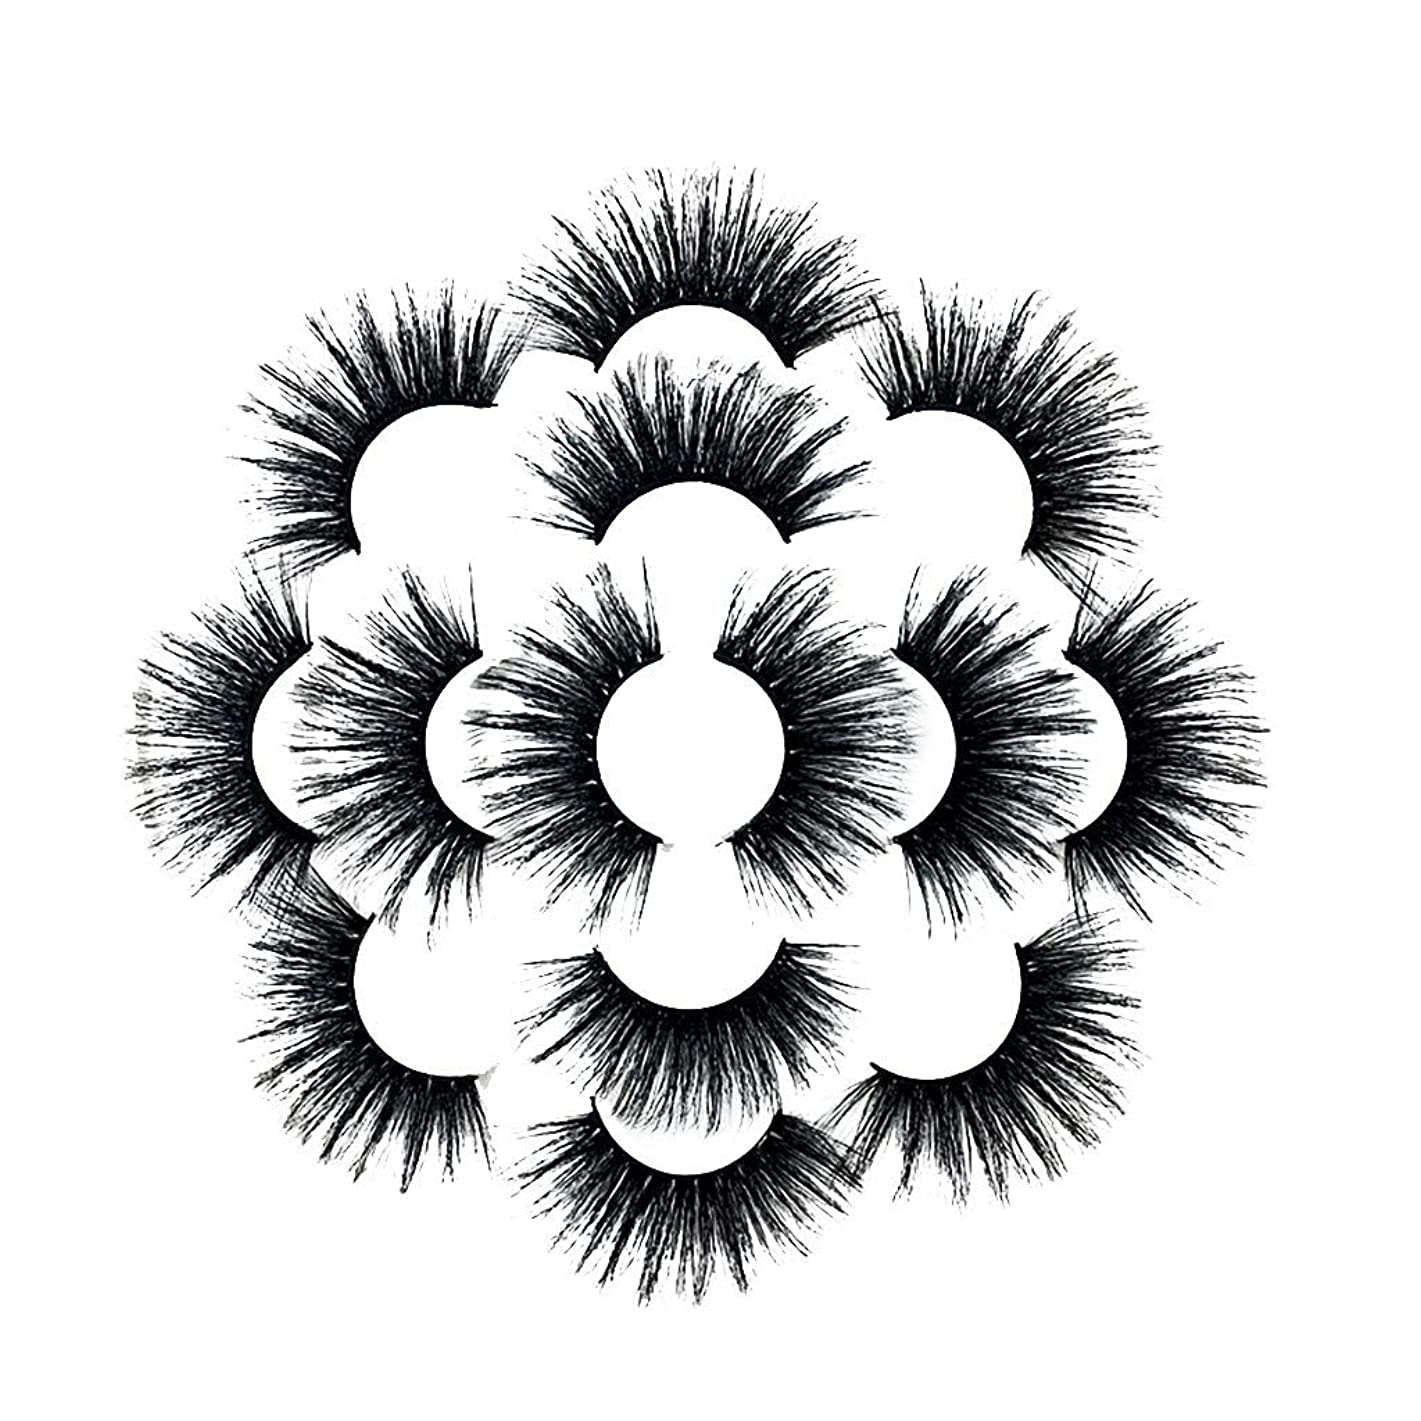 はず特権アーティスト7ペアラグジュアリー8D Falseまつげふわふわストリップまつげロングナチュラルパーティー